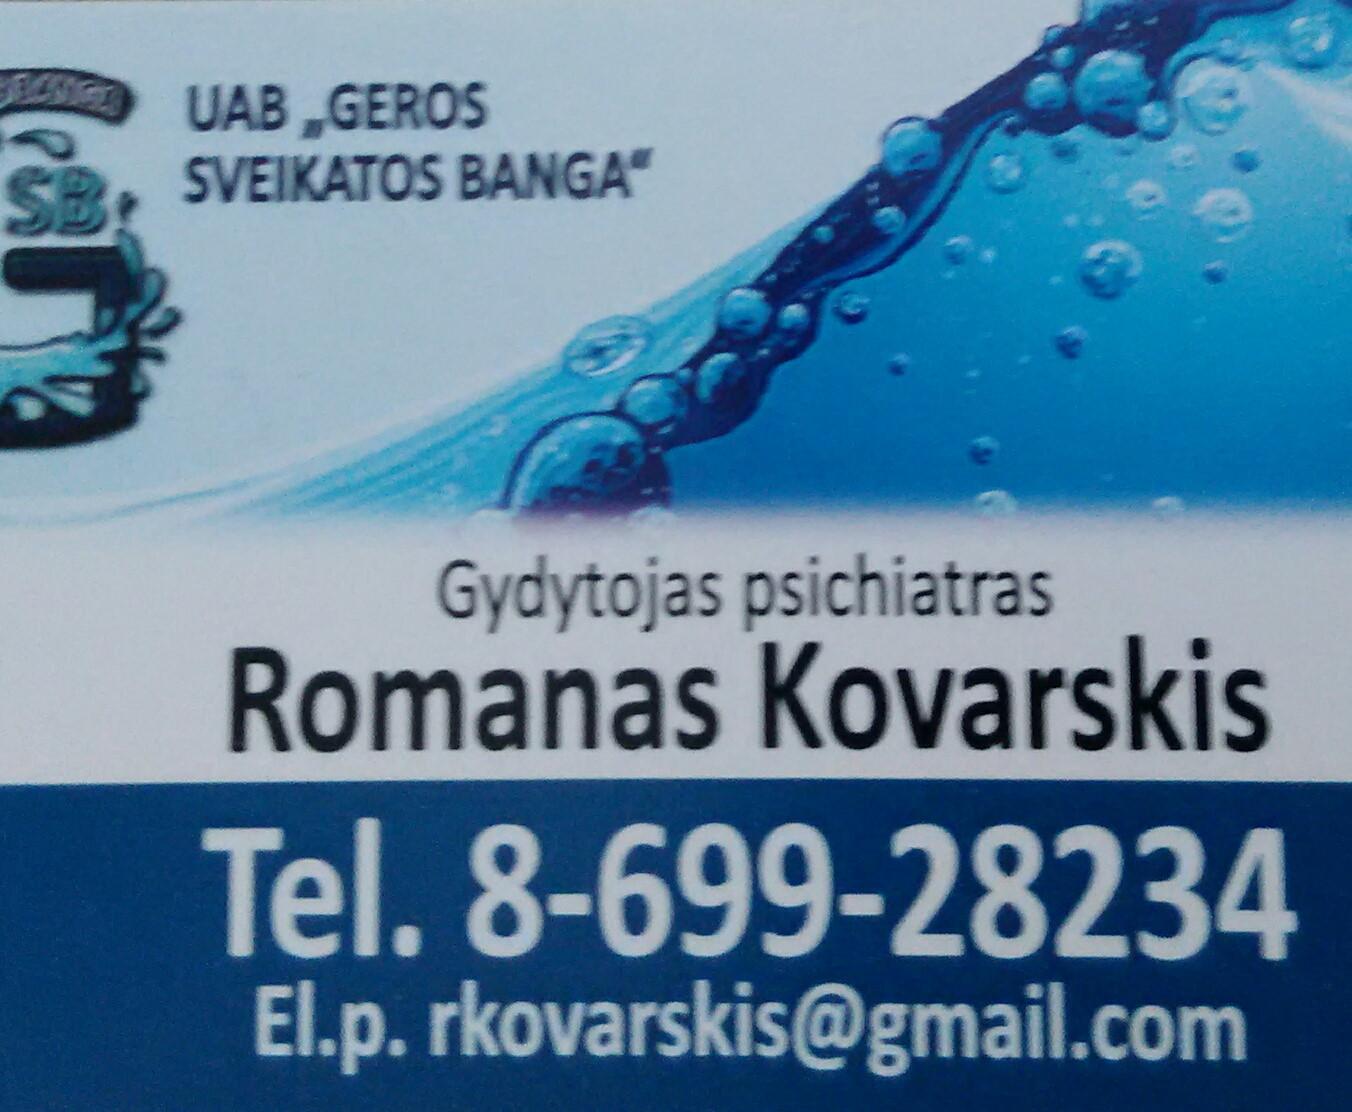 869928234  Psichiatras, sunkių pagirių gydymas ,išblaivinimas Kaune, visoje Lietuvoje